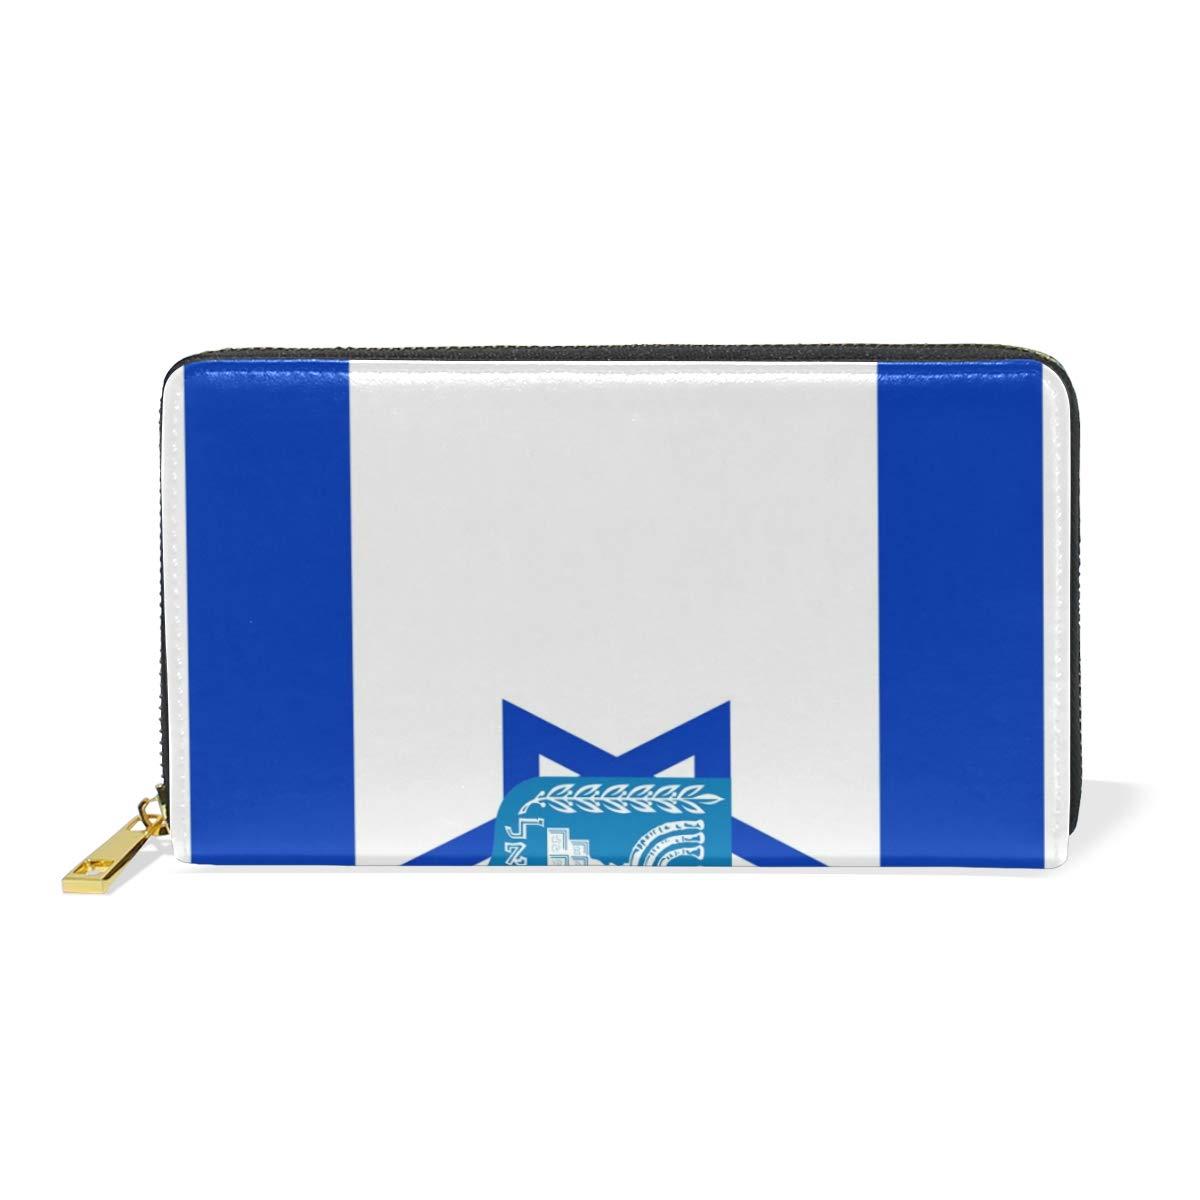 Slim Minimalist Leather Wallets For Women Men Israel Flag National Emblem